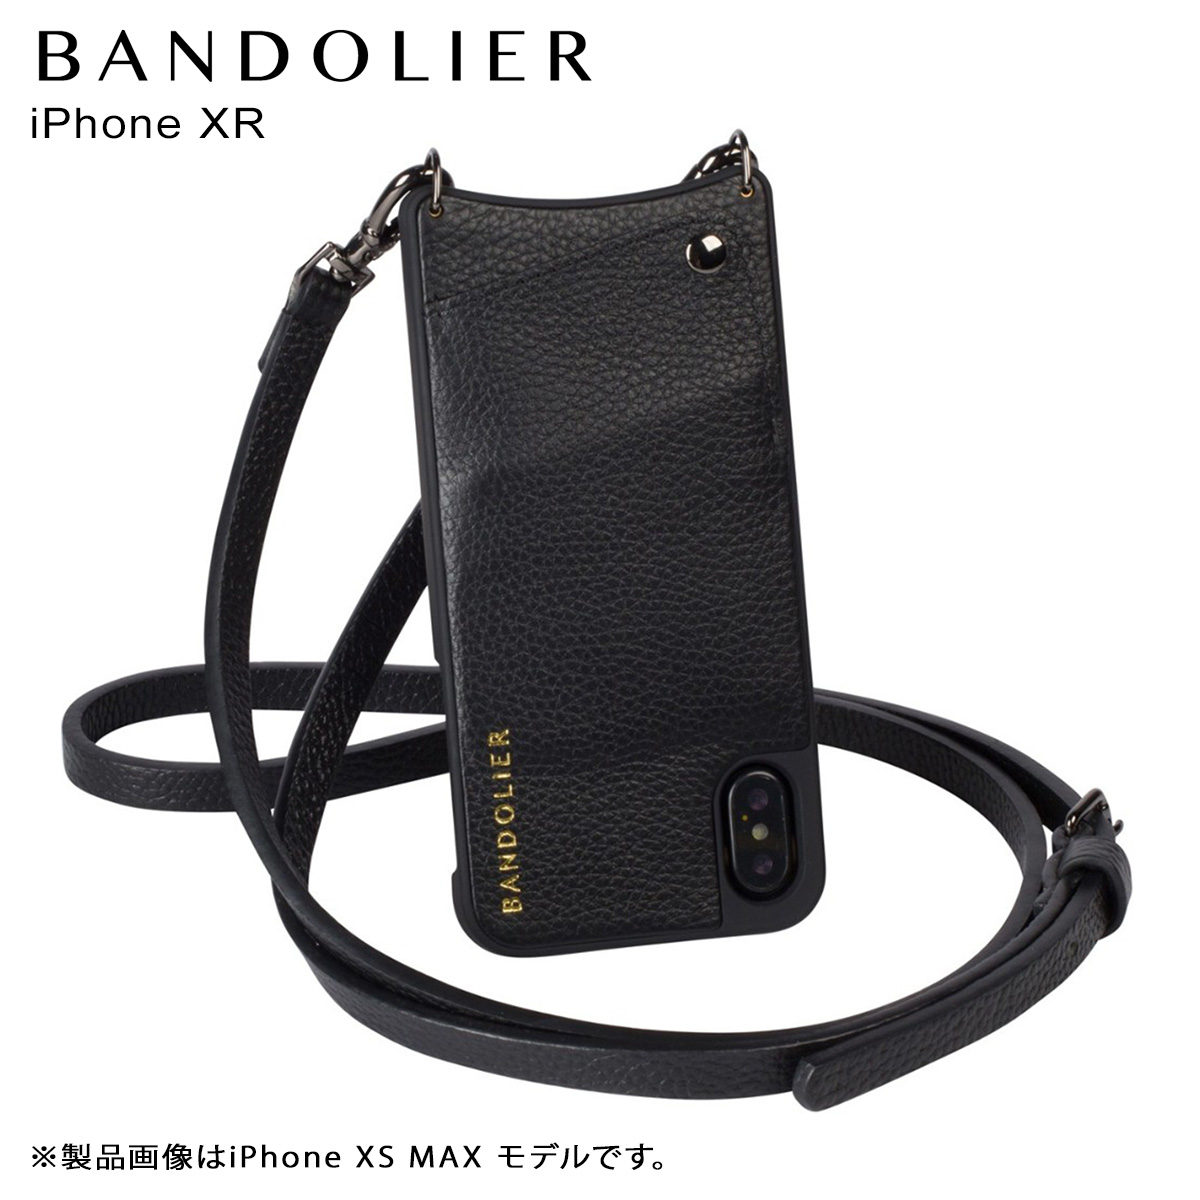 バンドリヤー BANDOLIER iPhone XR ケース ショルダー スマホ アイフォン レザー EMMA PEWTER メンズ レディース ブラック 黒 10EMM1001 [4/18 再入荷]